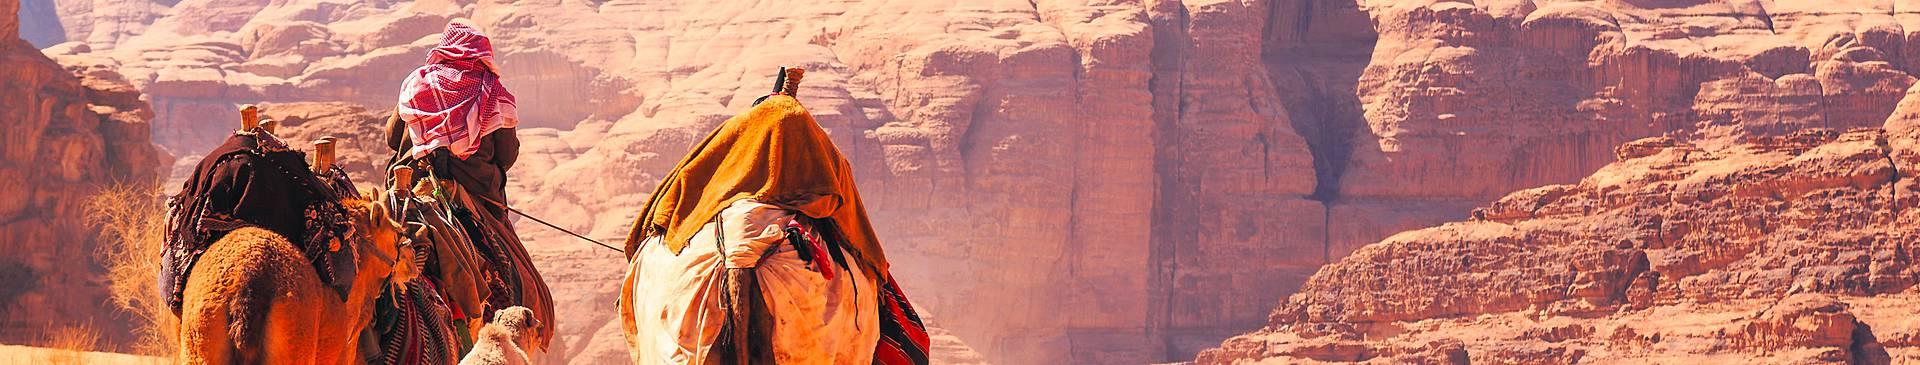 Desert tours in Jordan